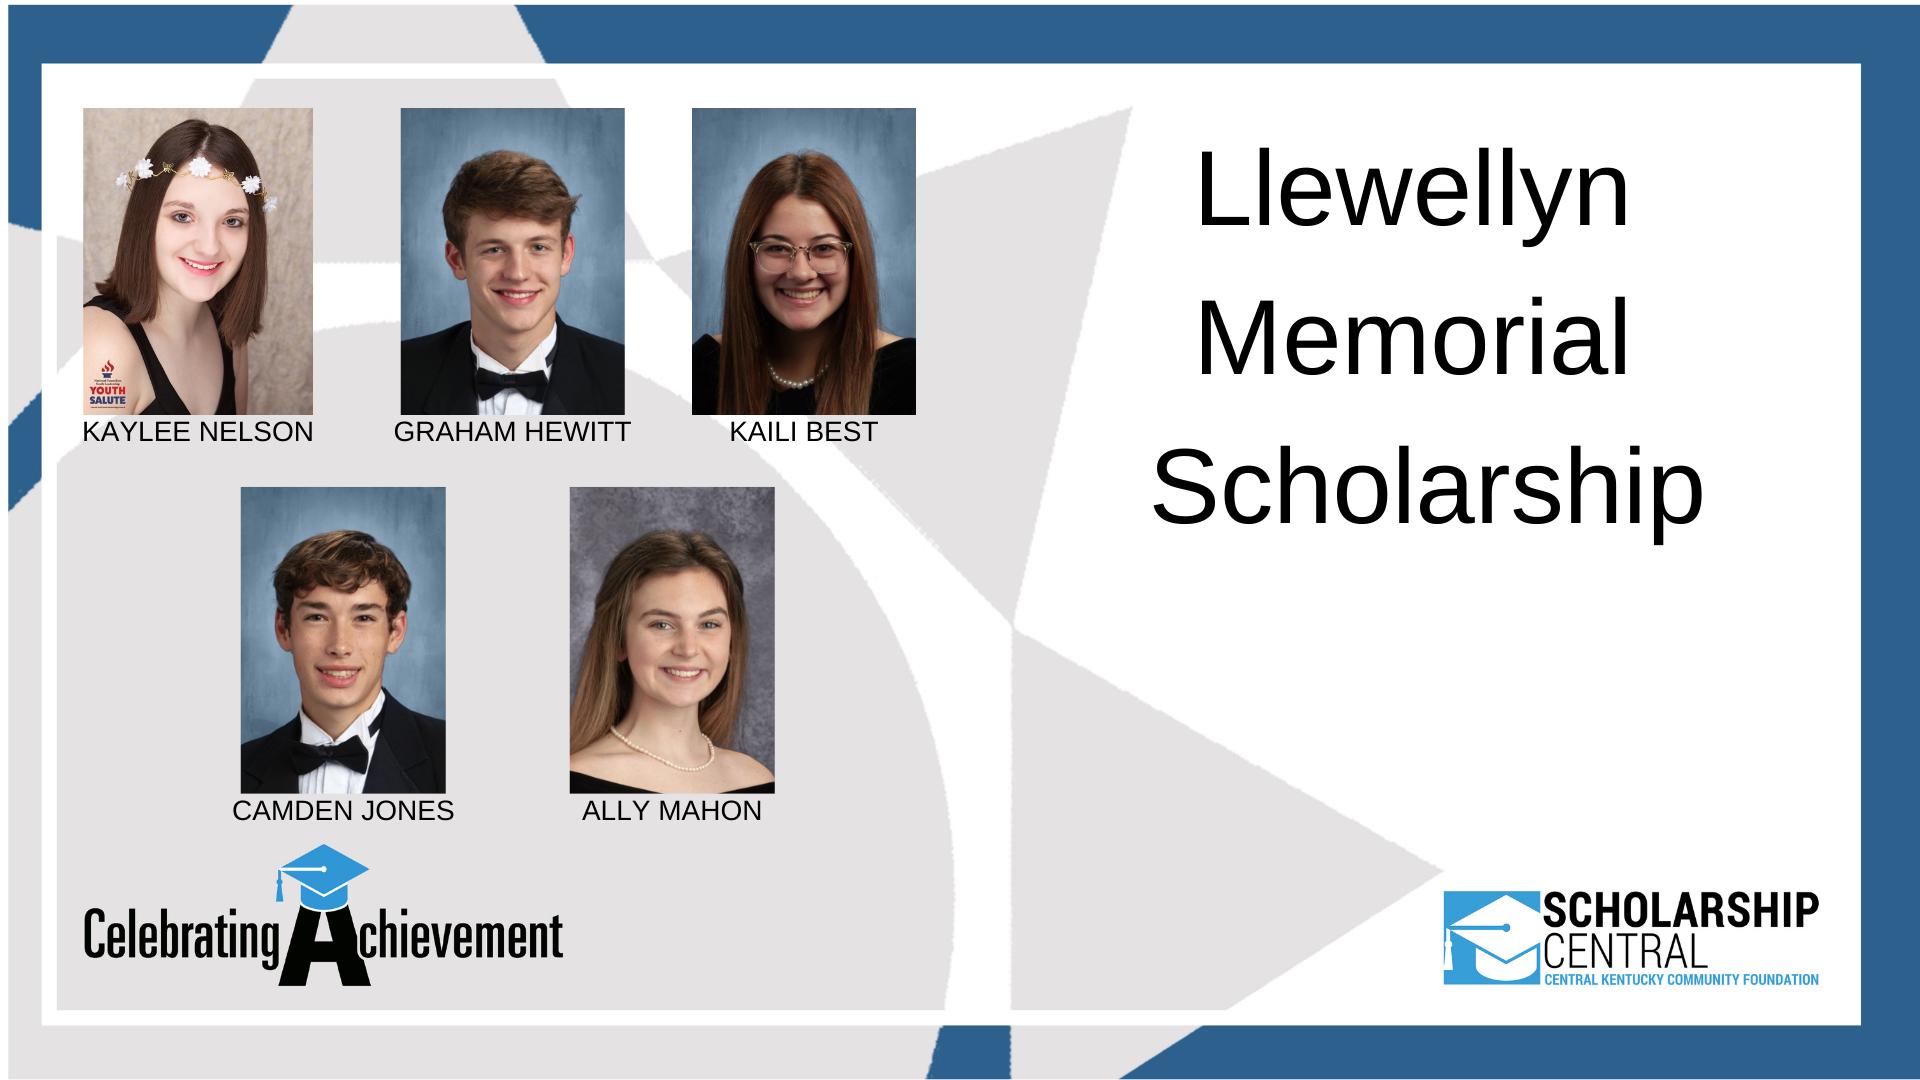 Llewellyn Memorial Scholarship Winners 2